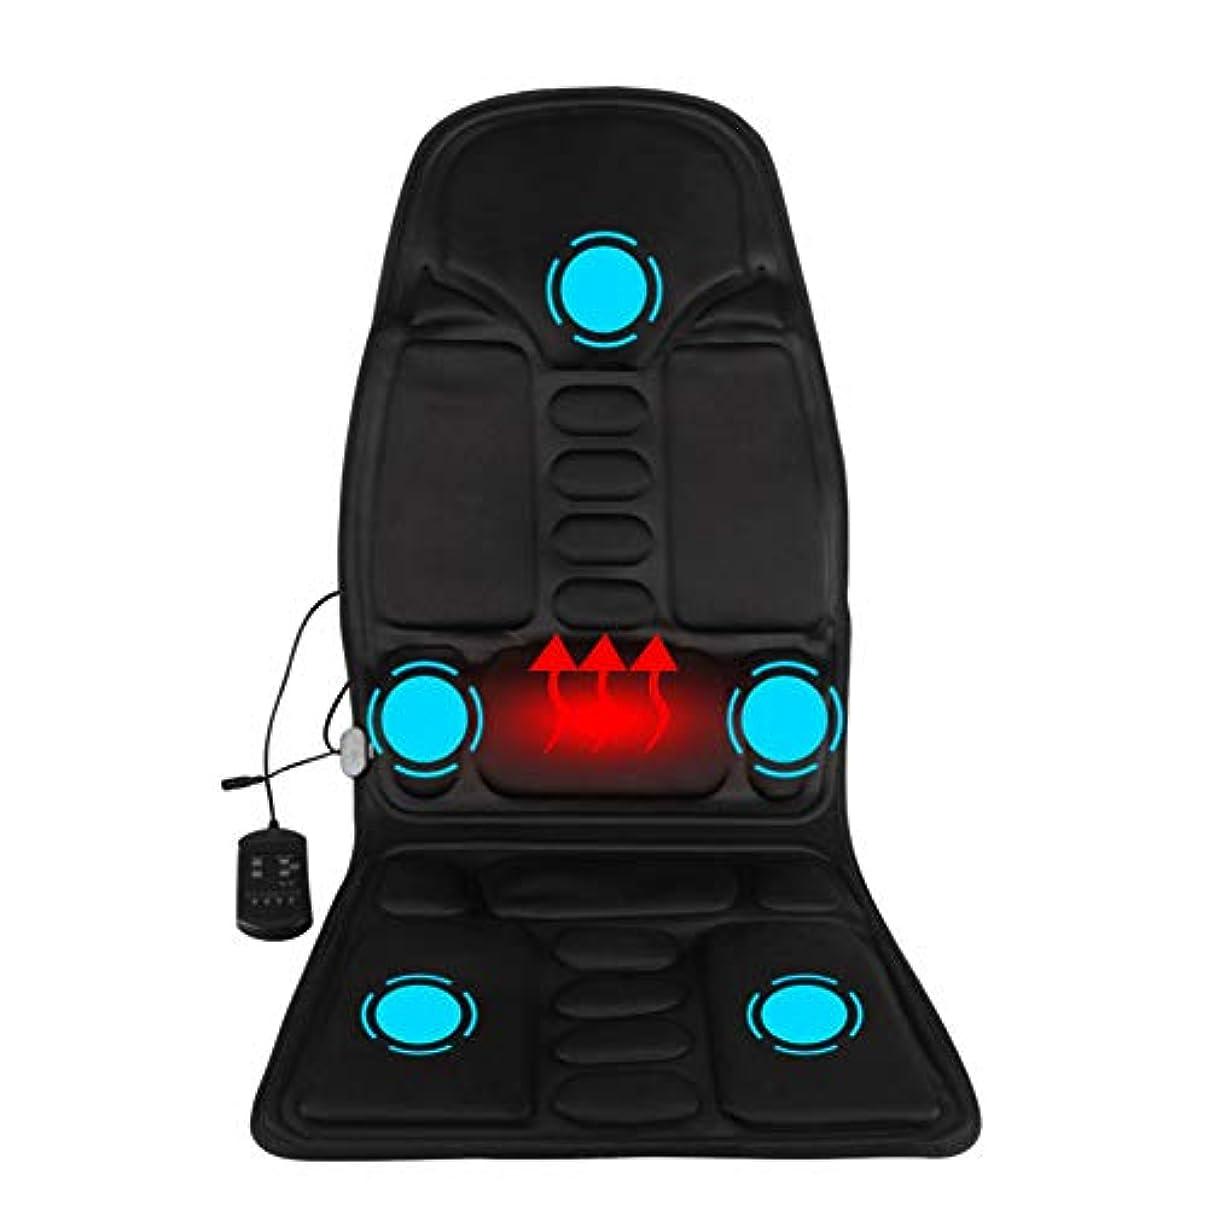 フェンス自慢カメマッサージのあと振れ止めのクッション、車の総本店の5つの熱振動モーターを搭載する背部そして首全体のための携帯用マッサージャーの座席振動のマッサージ